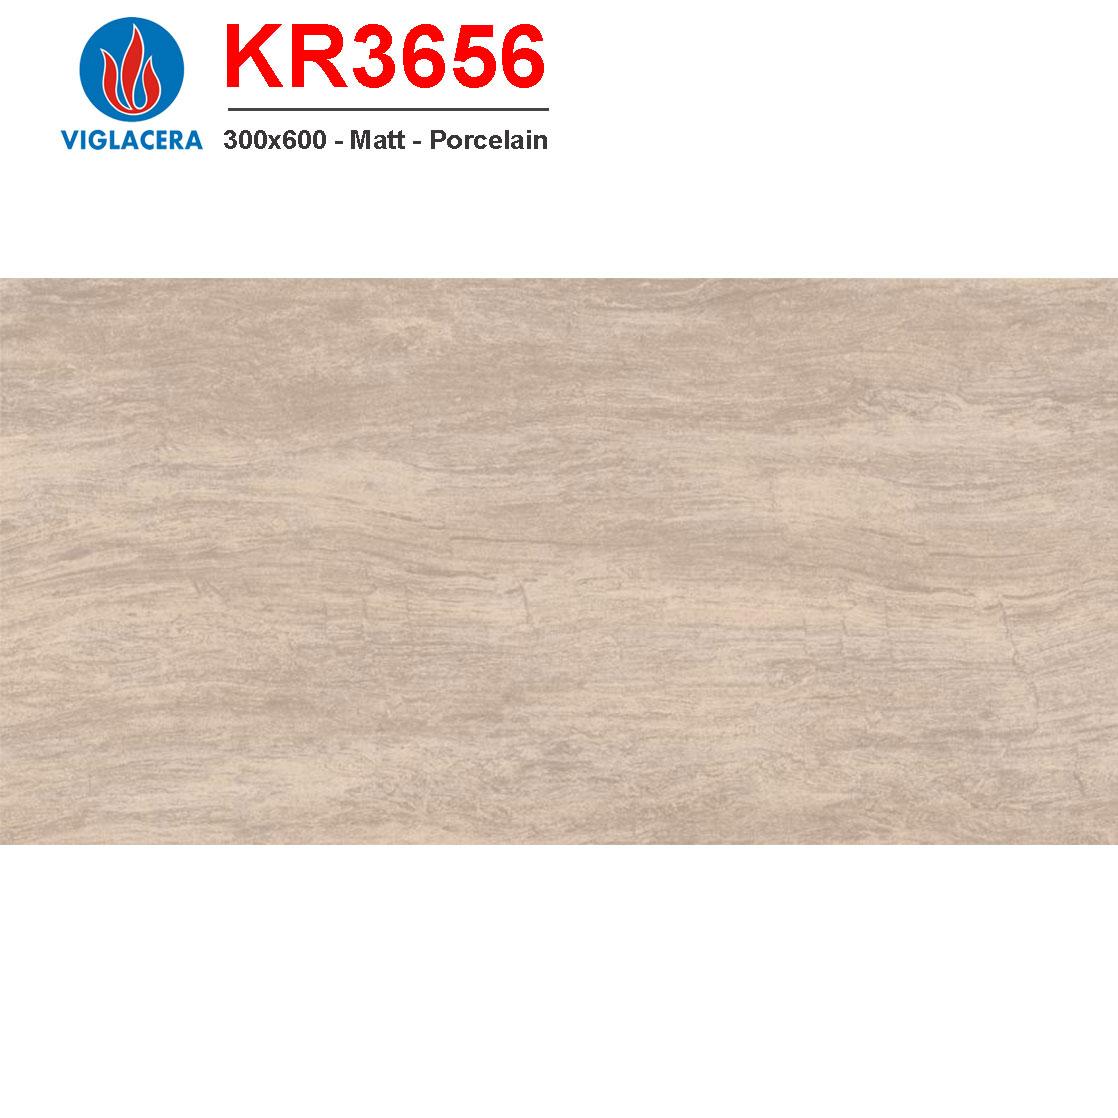 Gạch ốp lát Viglacera 300x600 KR3656 giá tốt